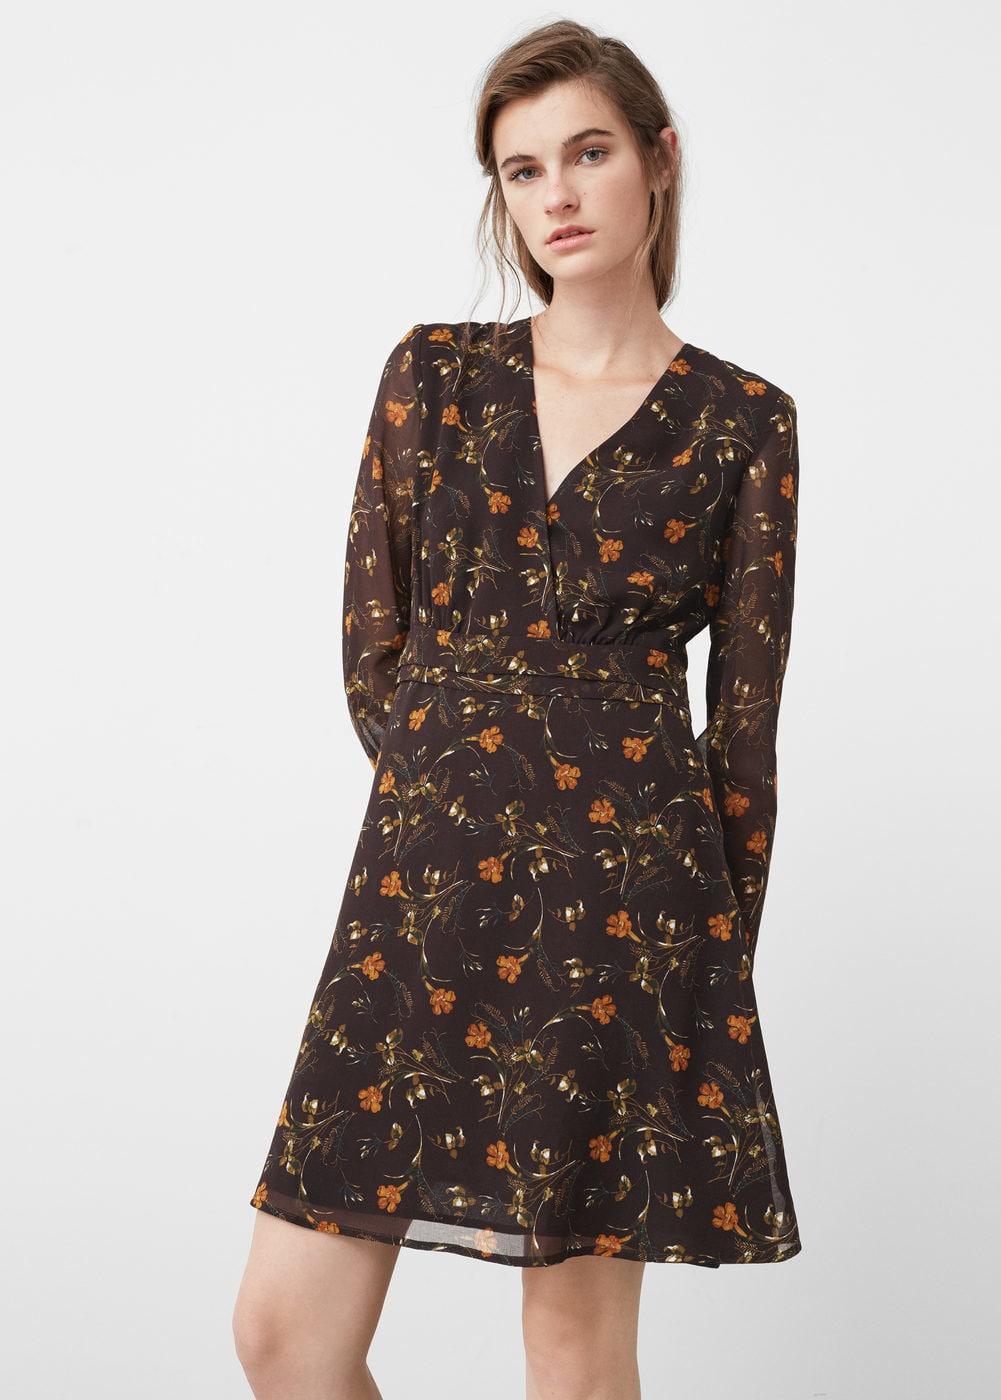 Vestidos bohemios de flores que sí deberás comprar en las rebajas - vestido bohemio flores